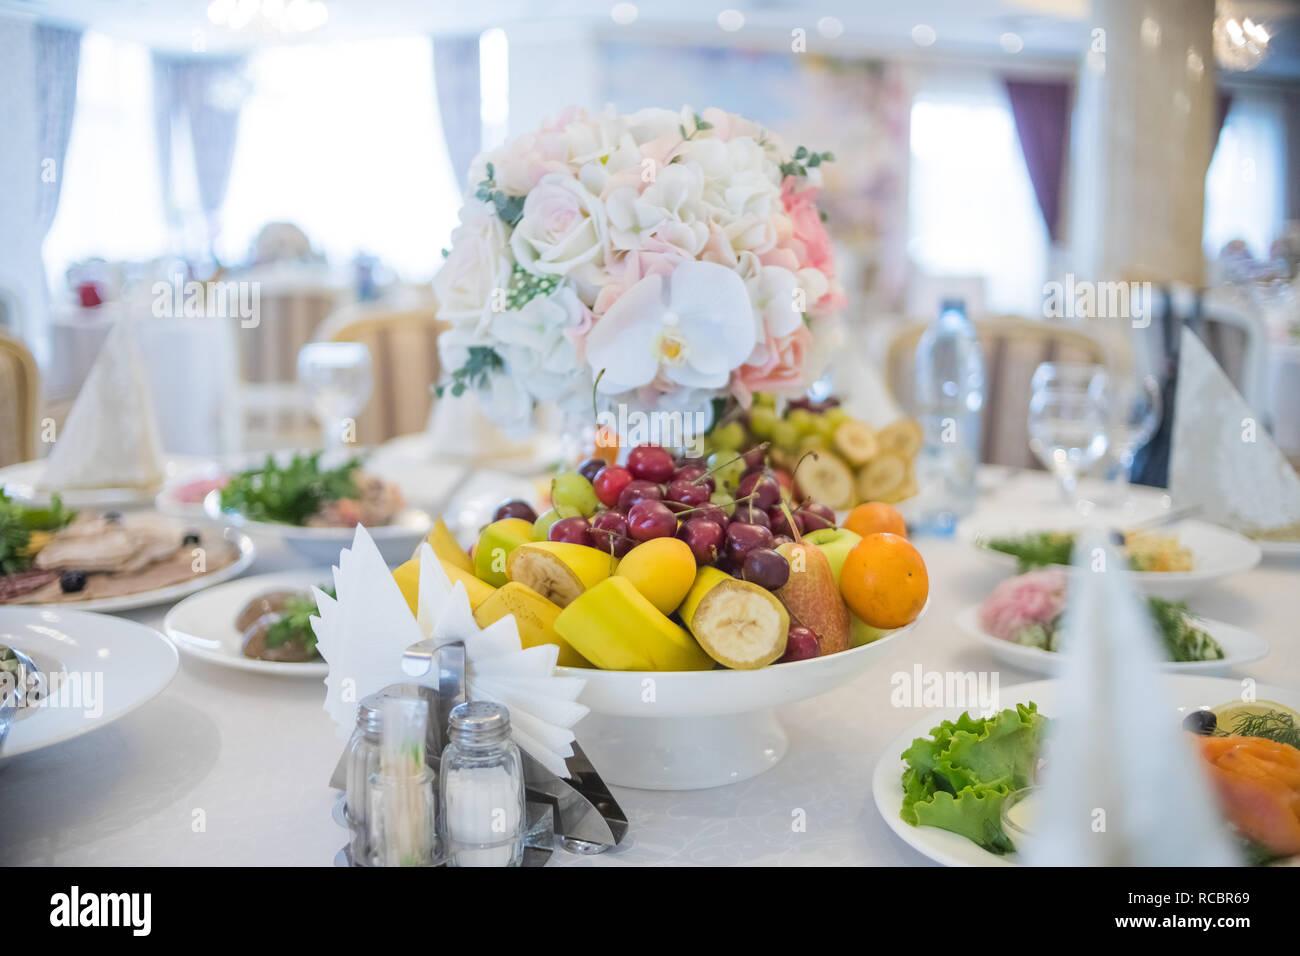 Decorazioni Da Tavolo Per Compleanno : Tavola festiva l impostazione decorazioni per matrimoni